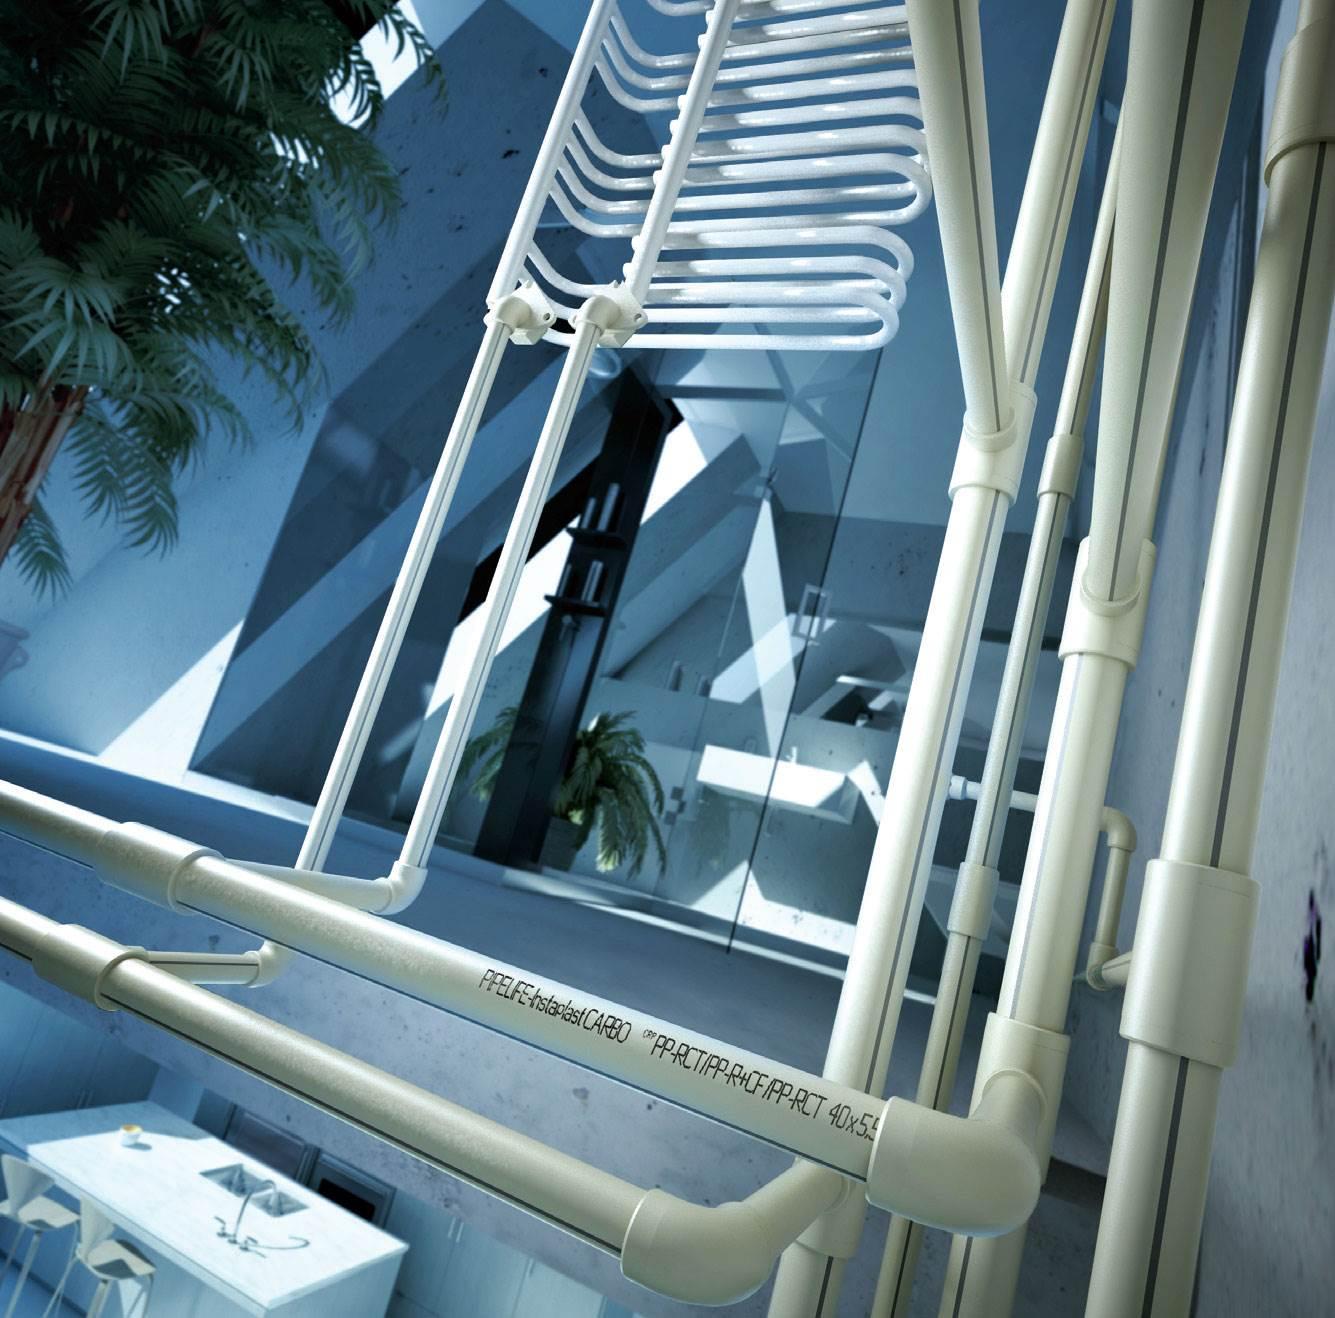 instalacje z tworzyw sztucznych1 - Instalacje z tworzyw sztucznych